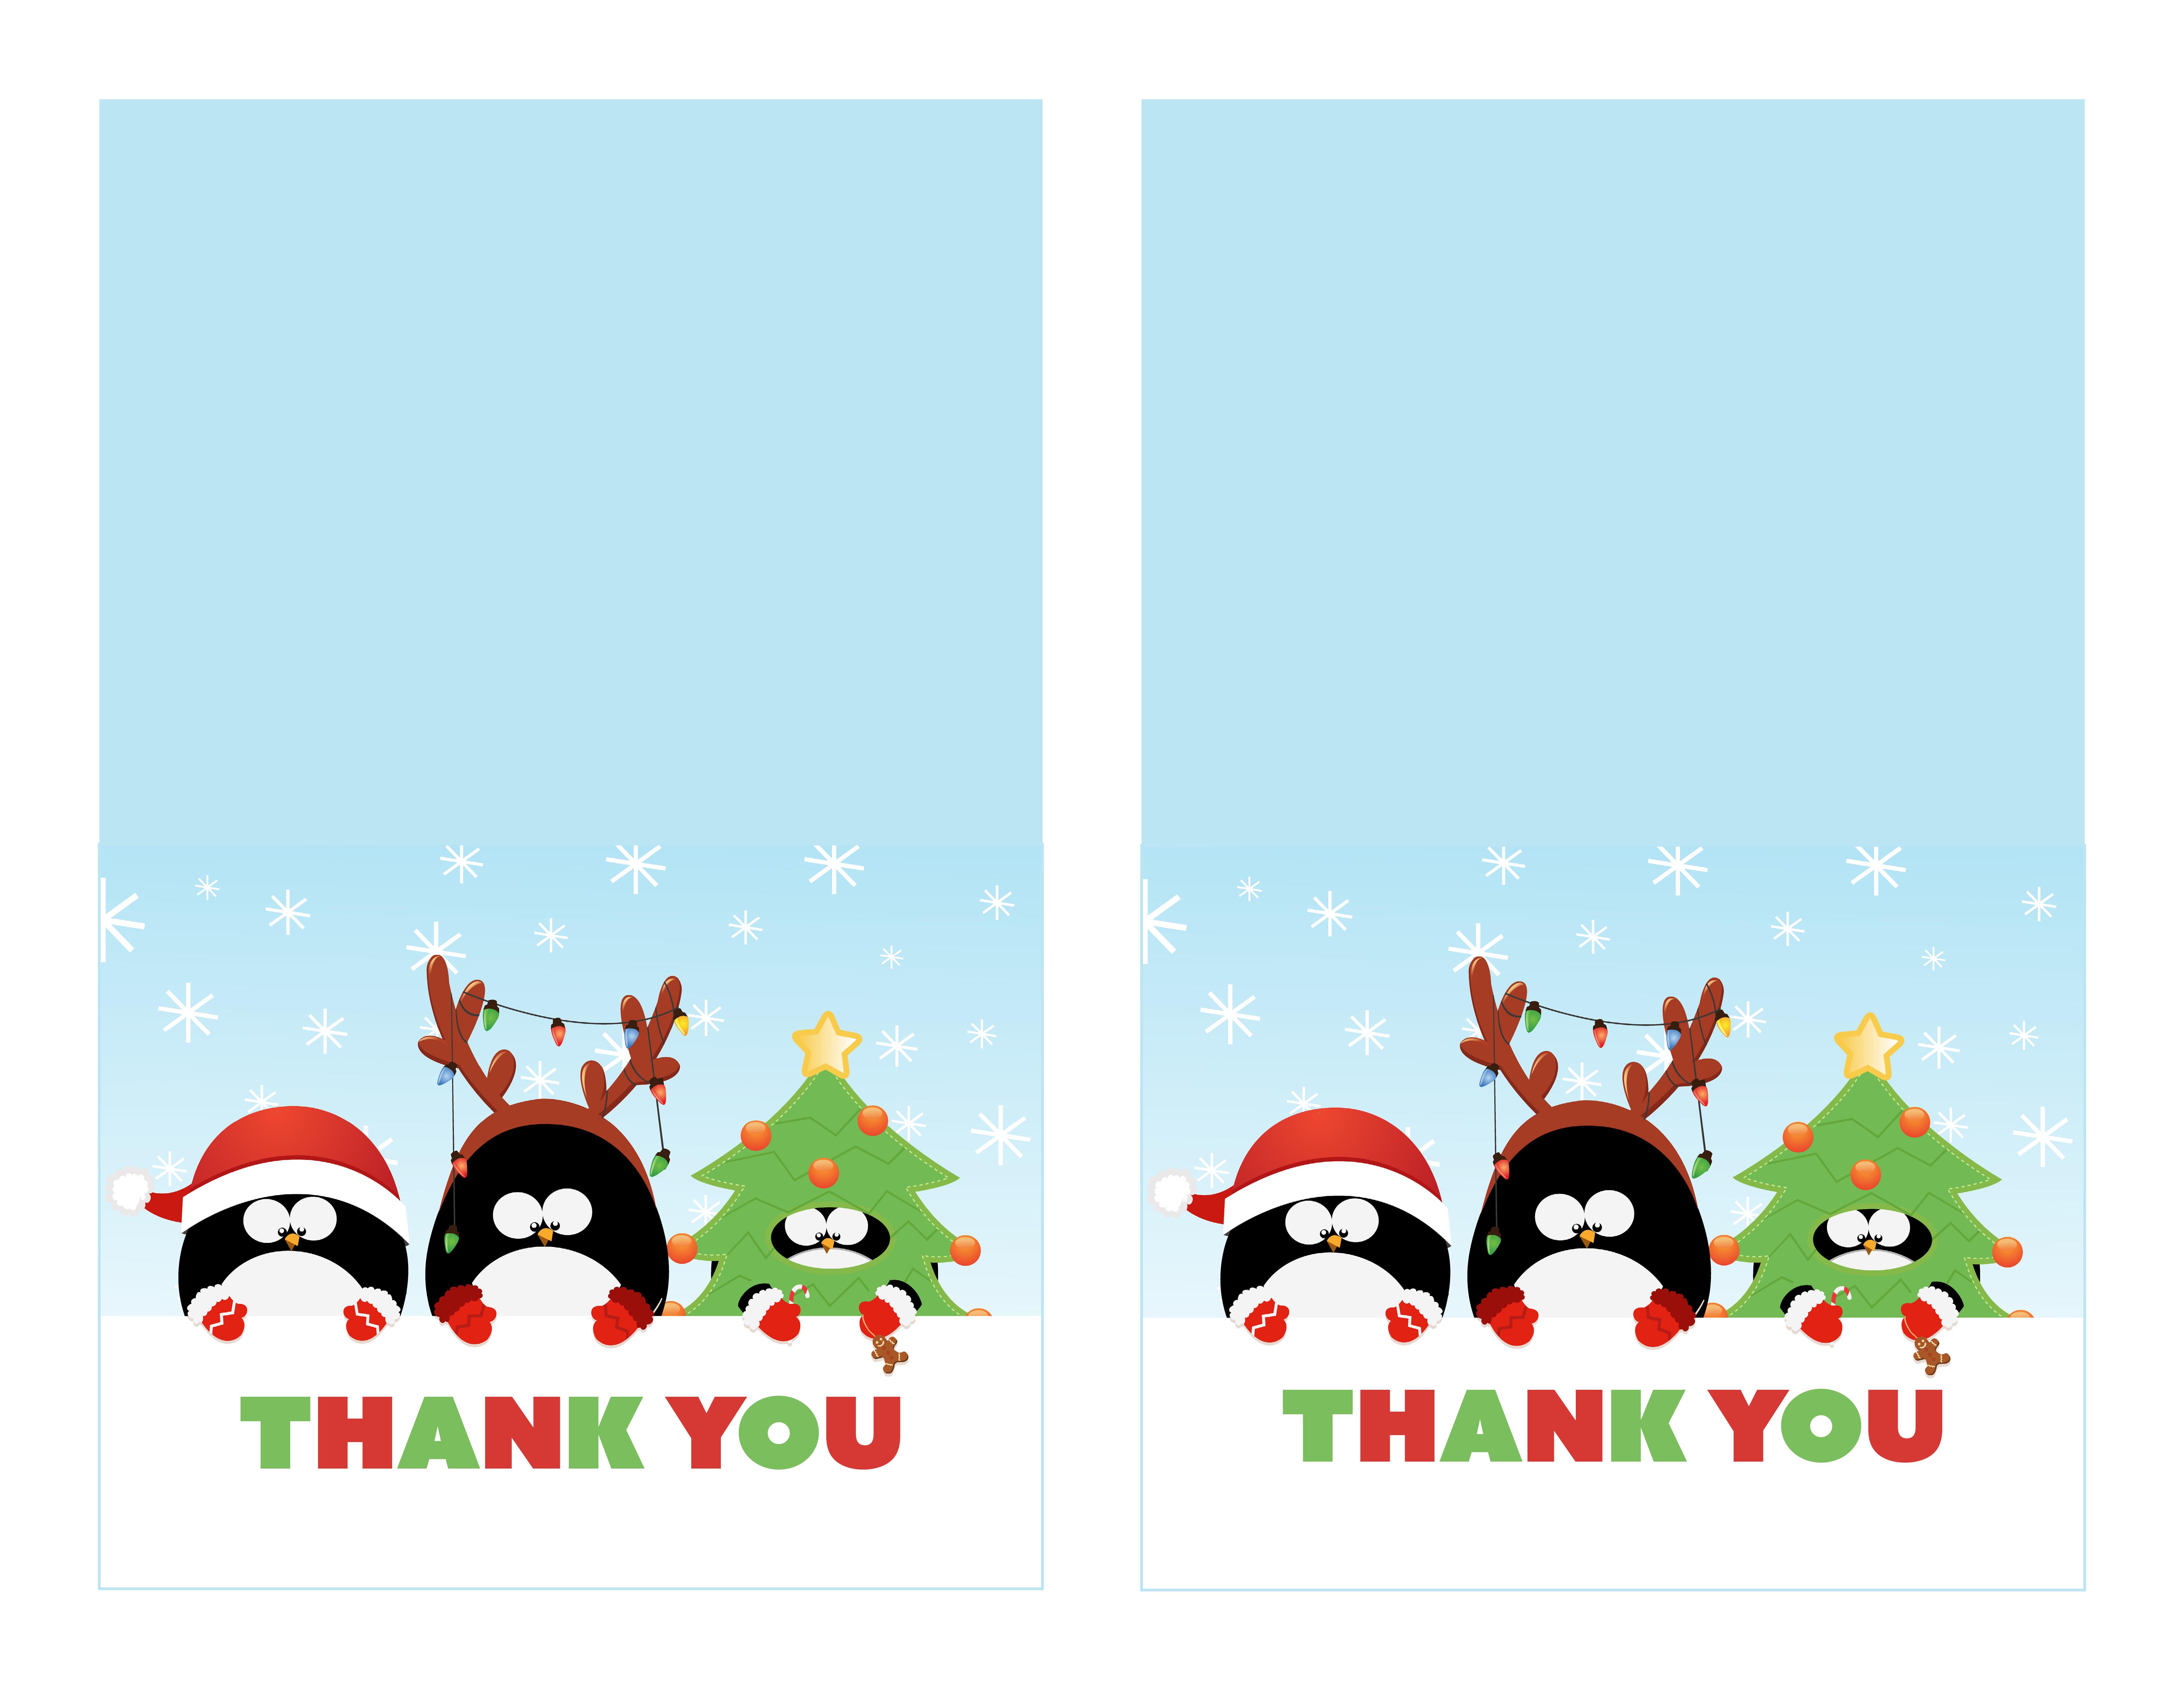 Free Printable Christmas Thank You Cards - Printable Cards - Free Printable Christmas Thank You Cards